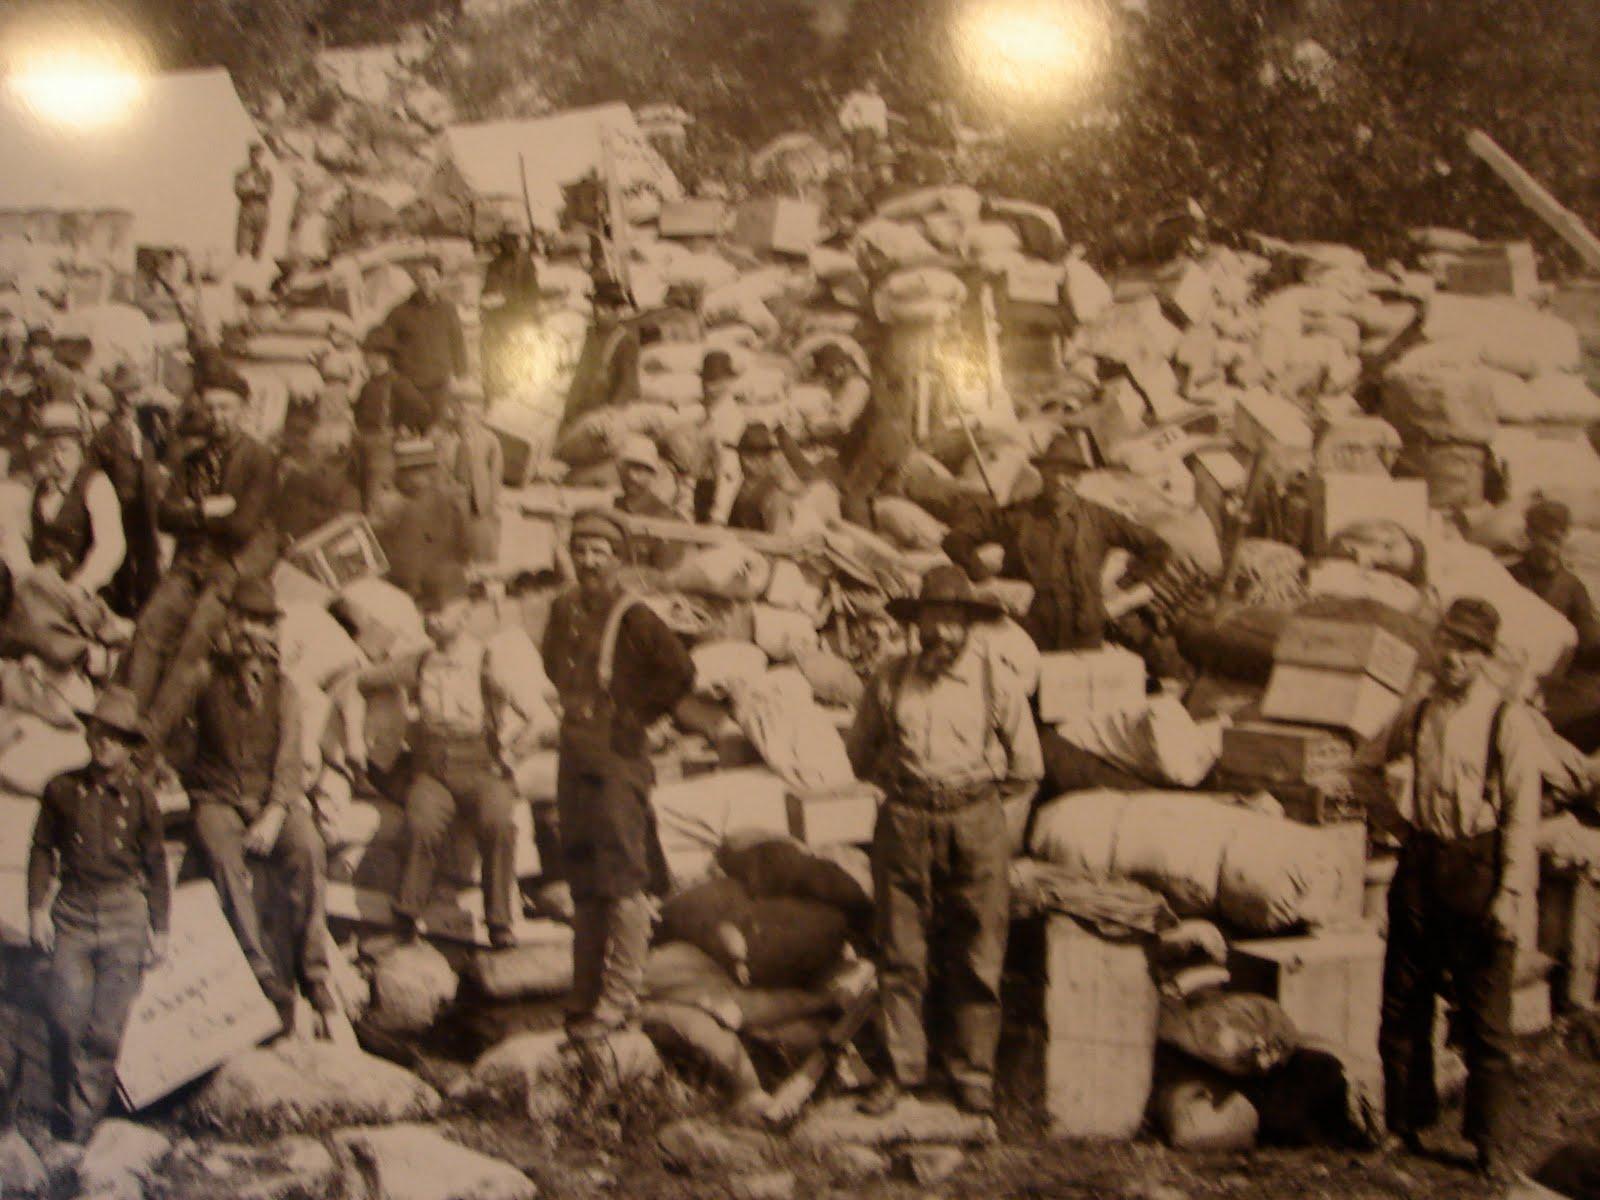 alaskan gold rush